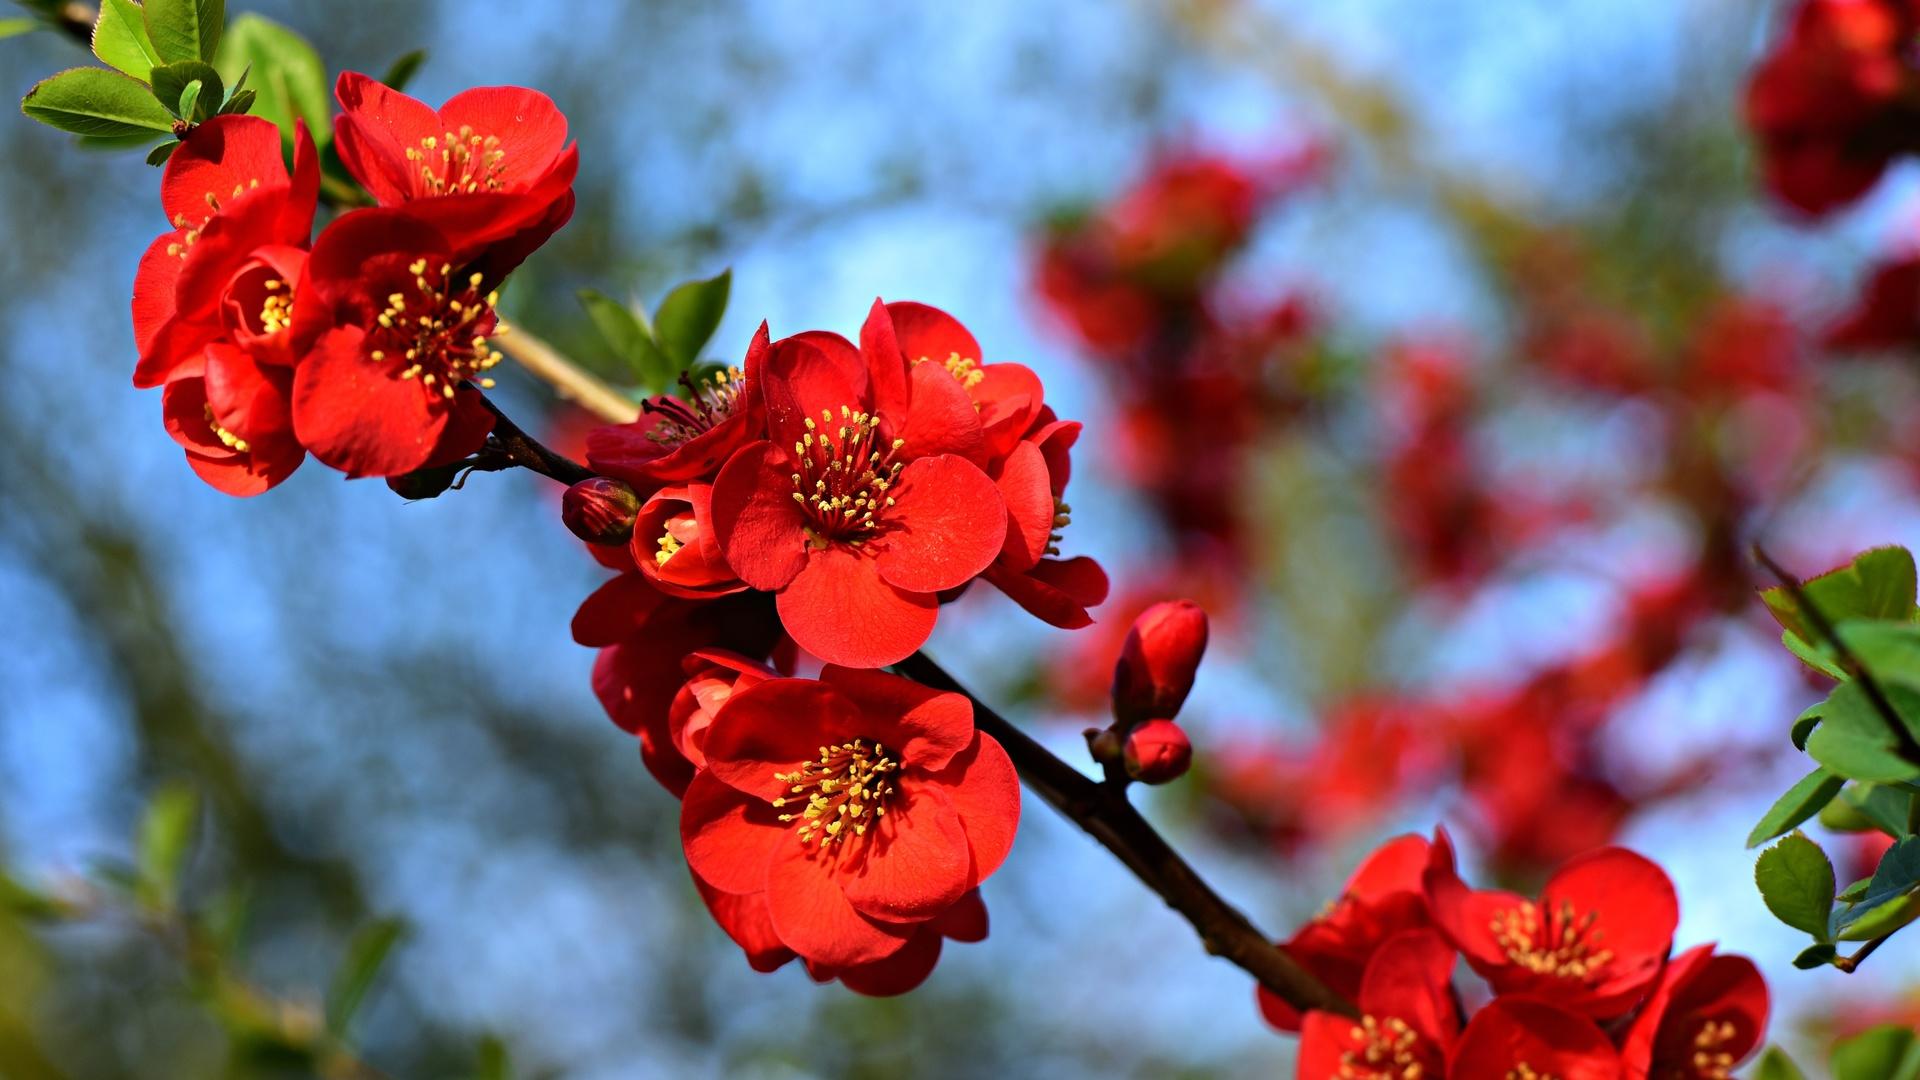 айва, веточка, цветок, цветение, весна